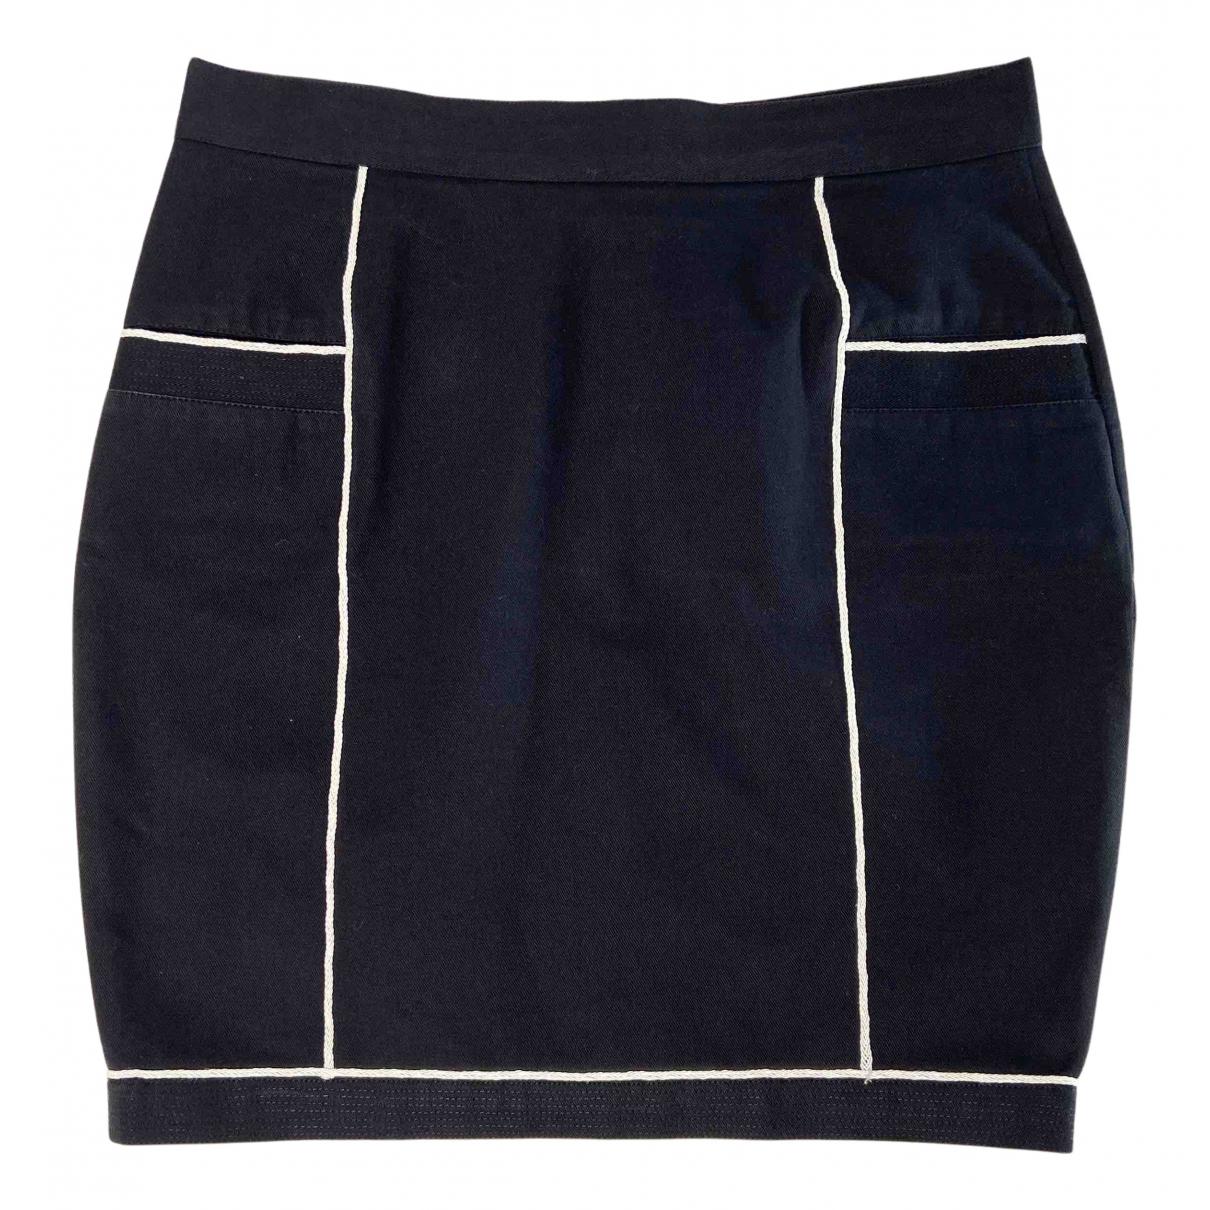 Versus - Jupe   pour femme en coton - noir